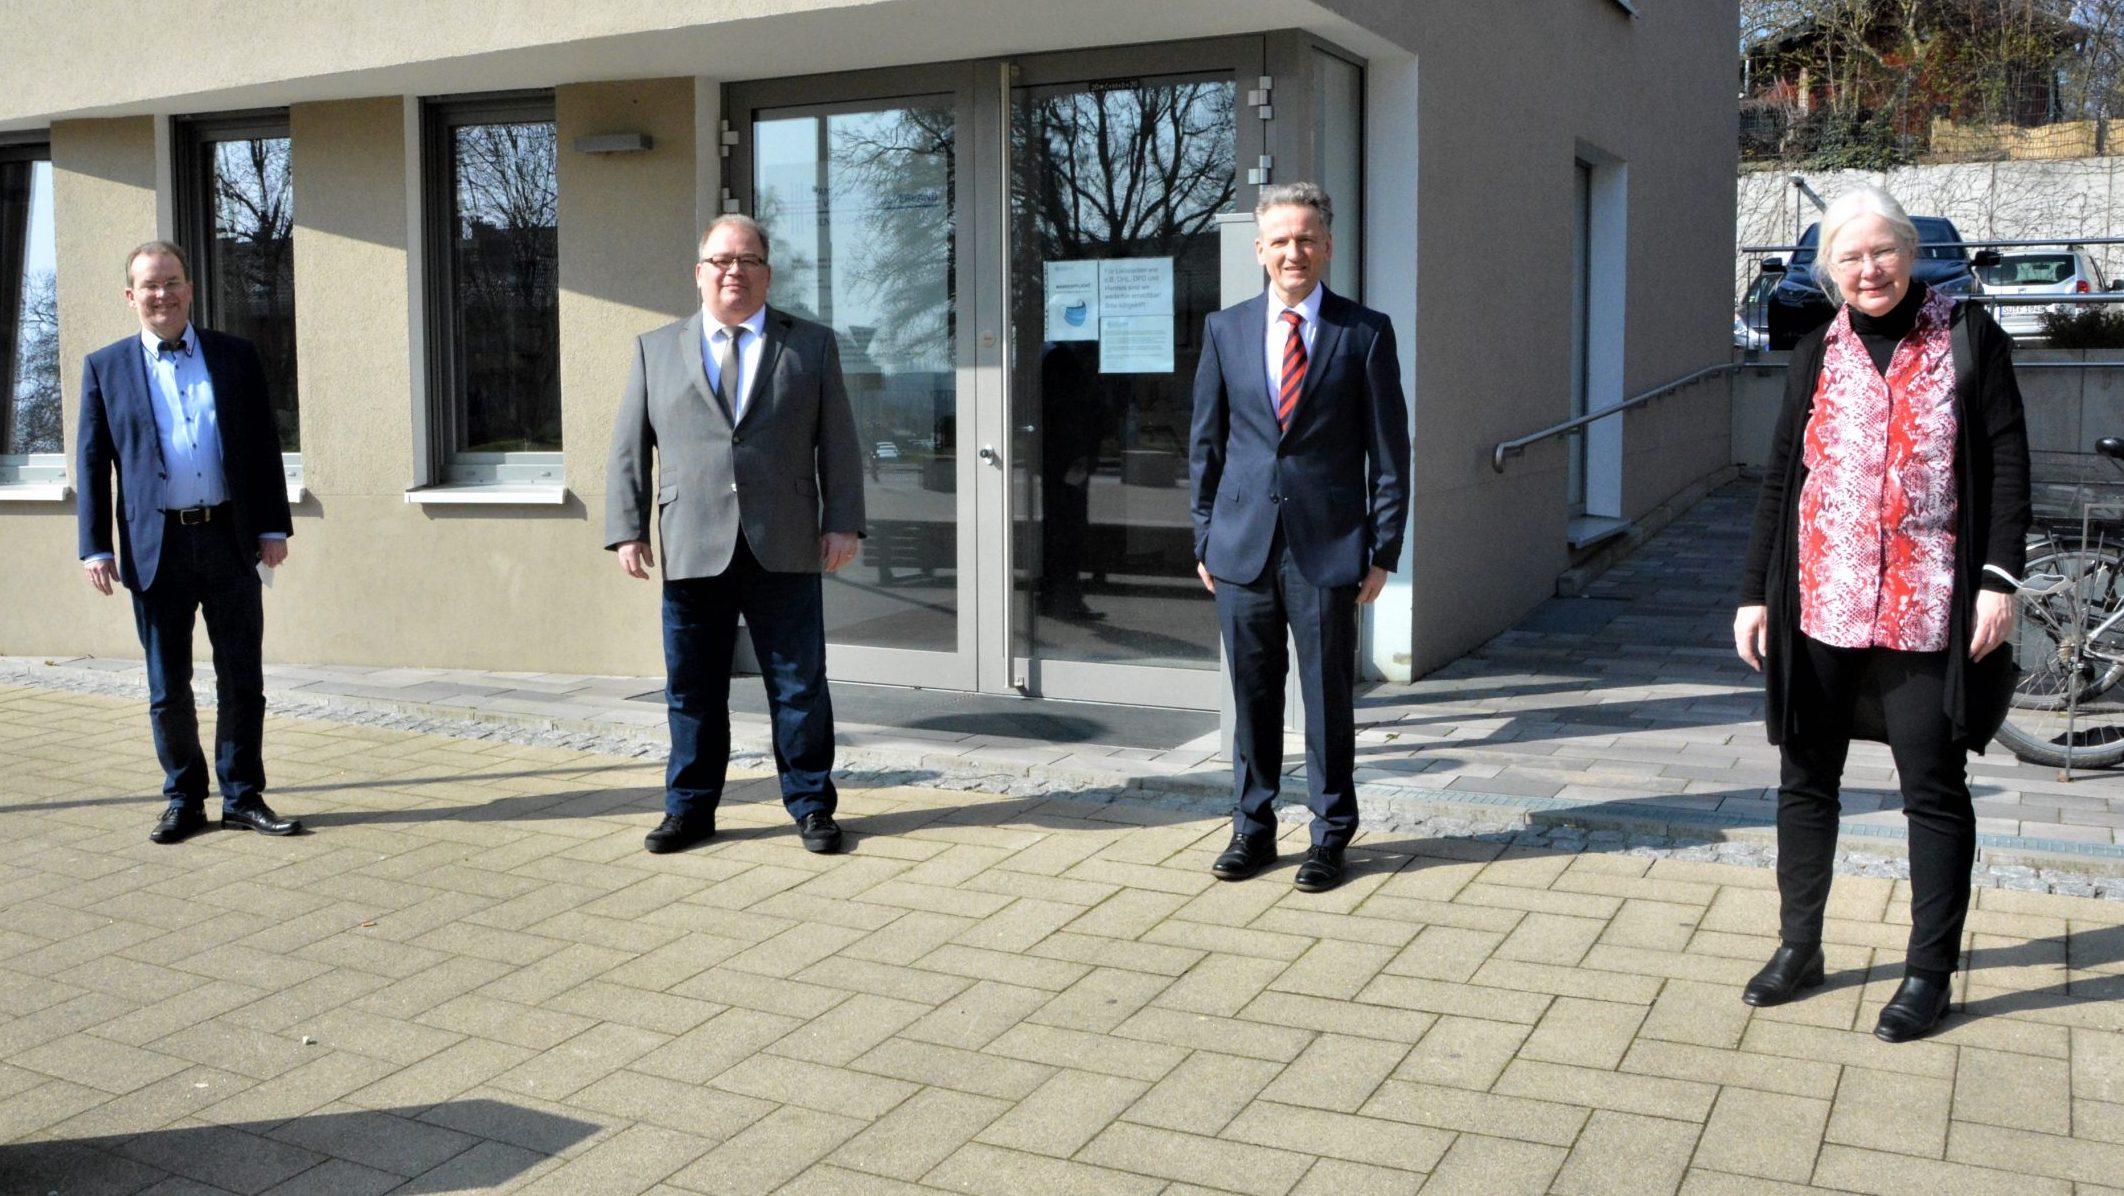 Geschäftsführer tritt nach 46 Jahren in den Ruhestand – Abschied von Rolf Hintsch im Verwaltungsverband Köln-Süd/Mitte